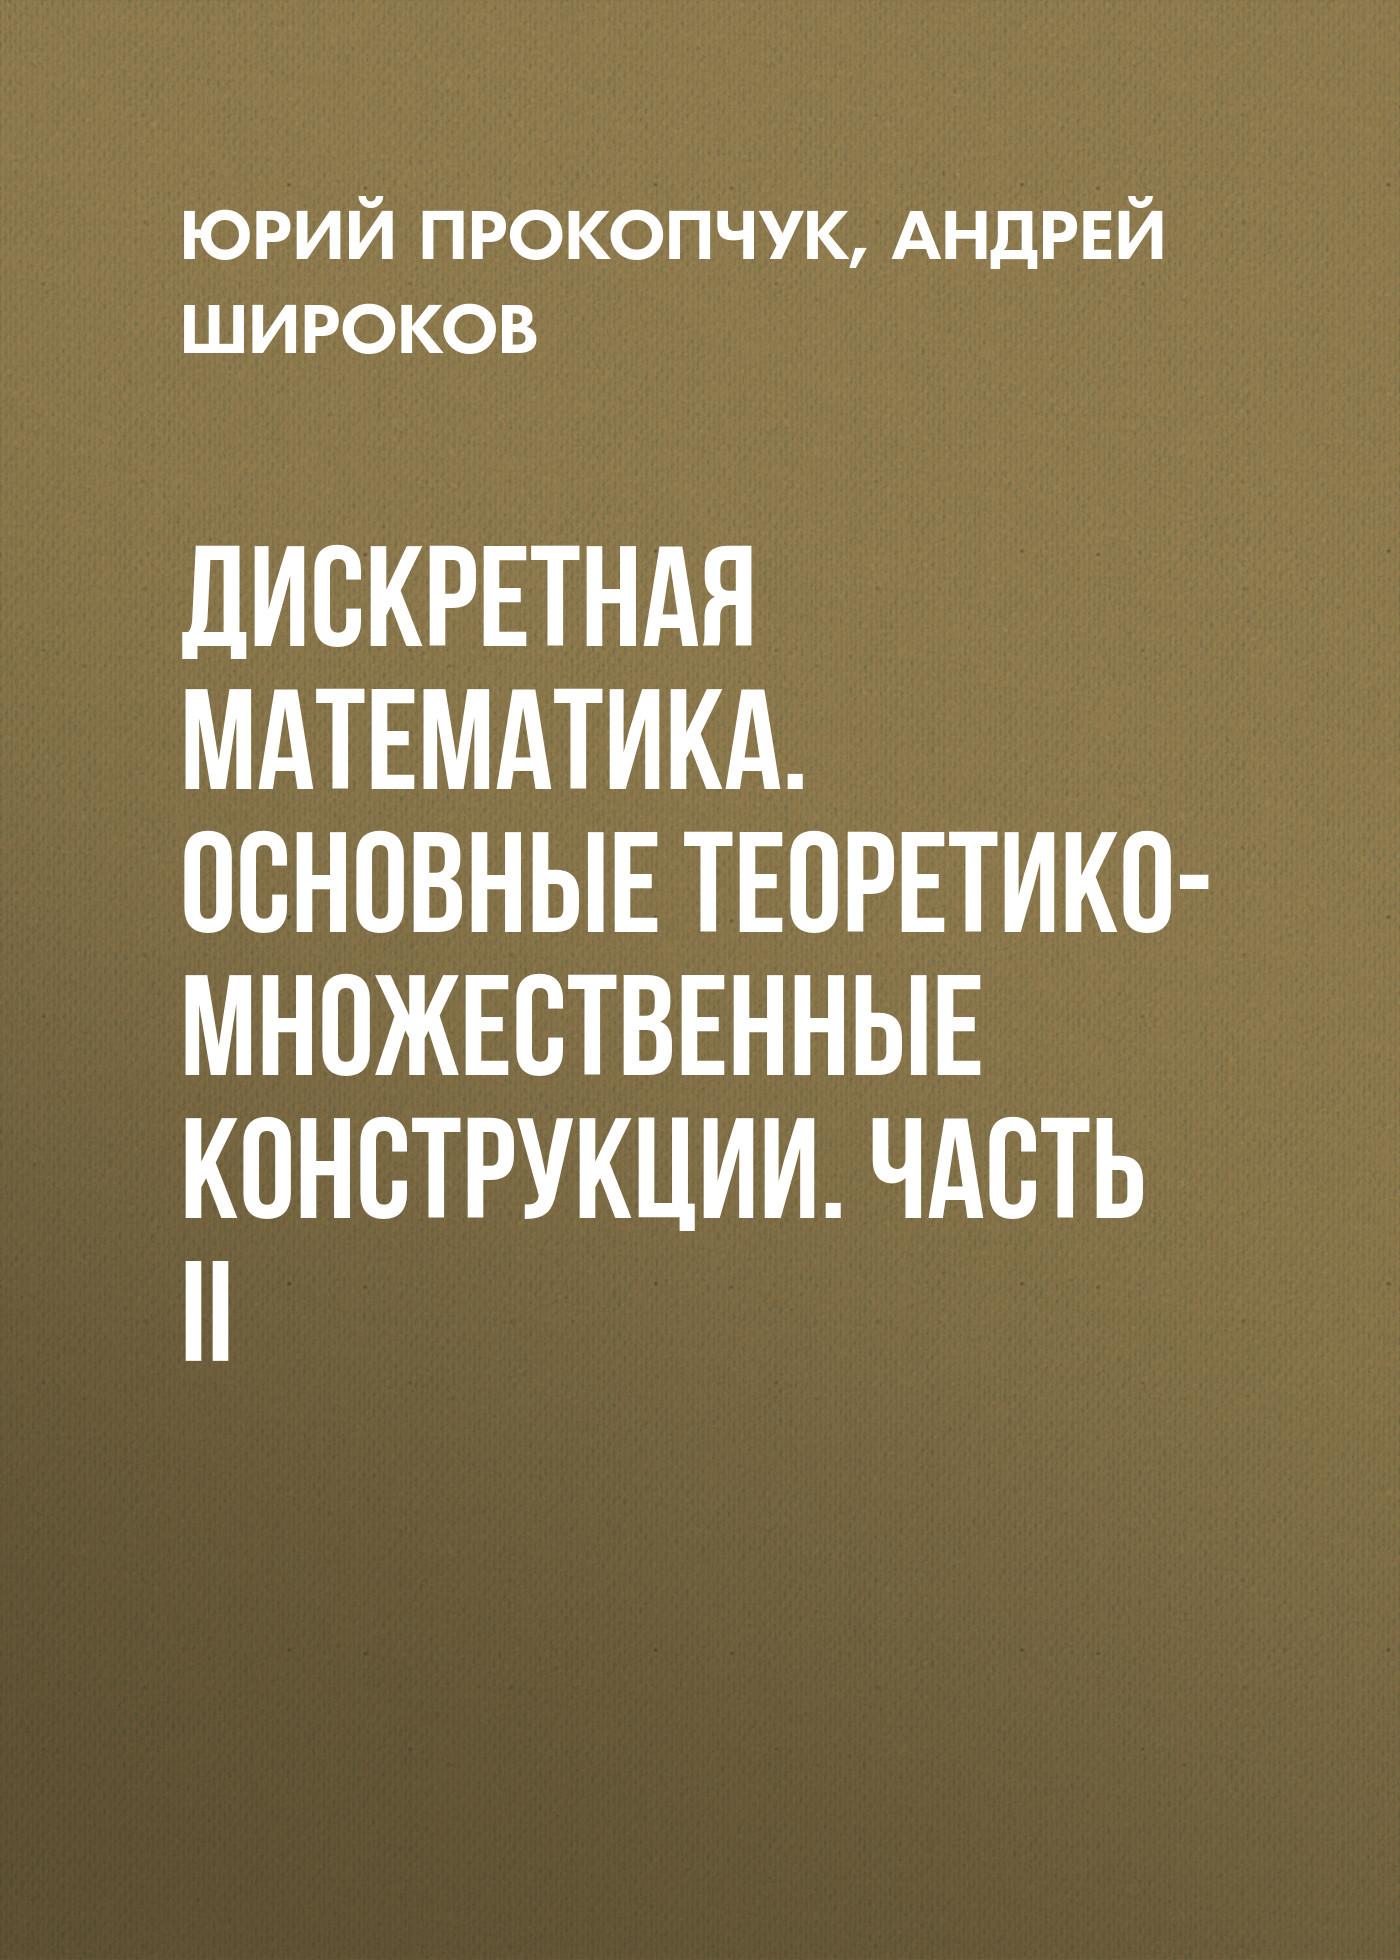 Андрей Широков Дискретная математика. Основные теоретико-множественные конструкции. Часть II сефер мишне берура часть ii истолкованное учение